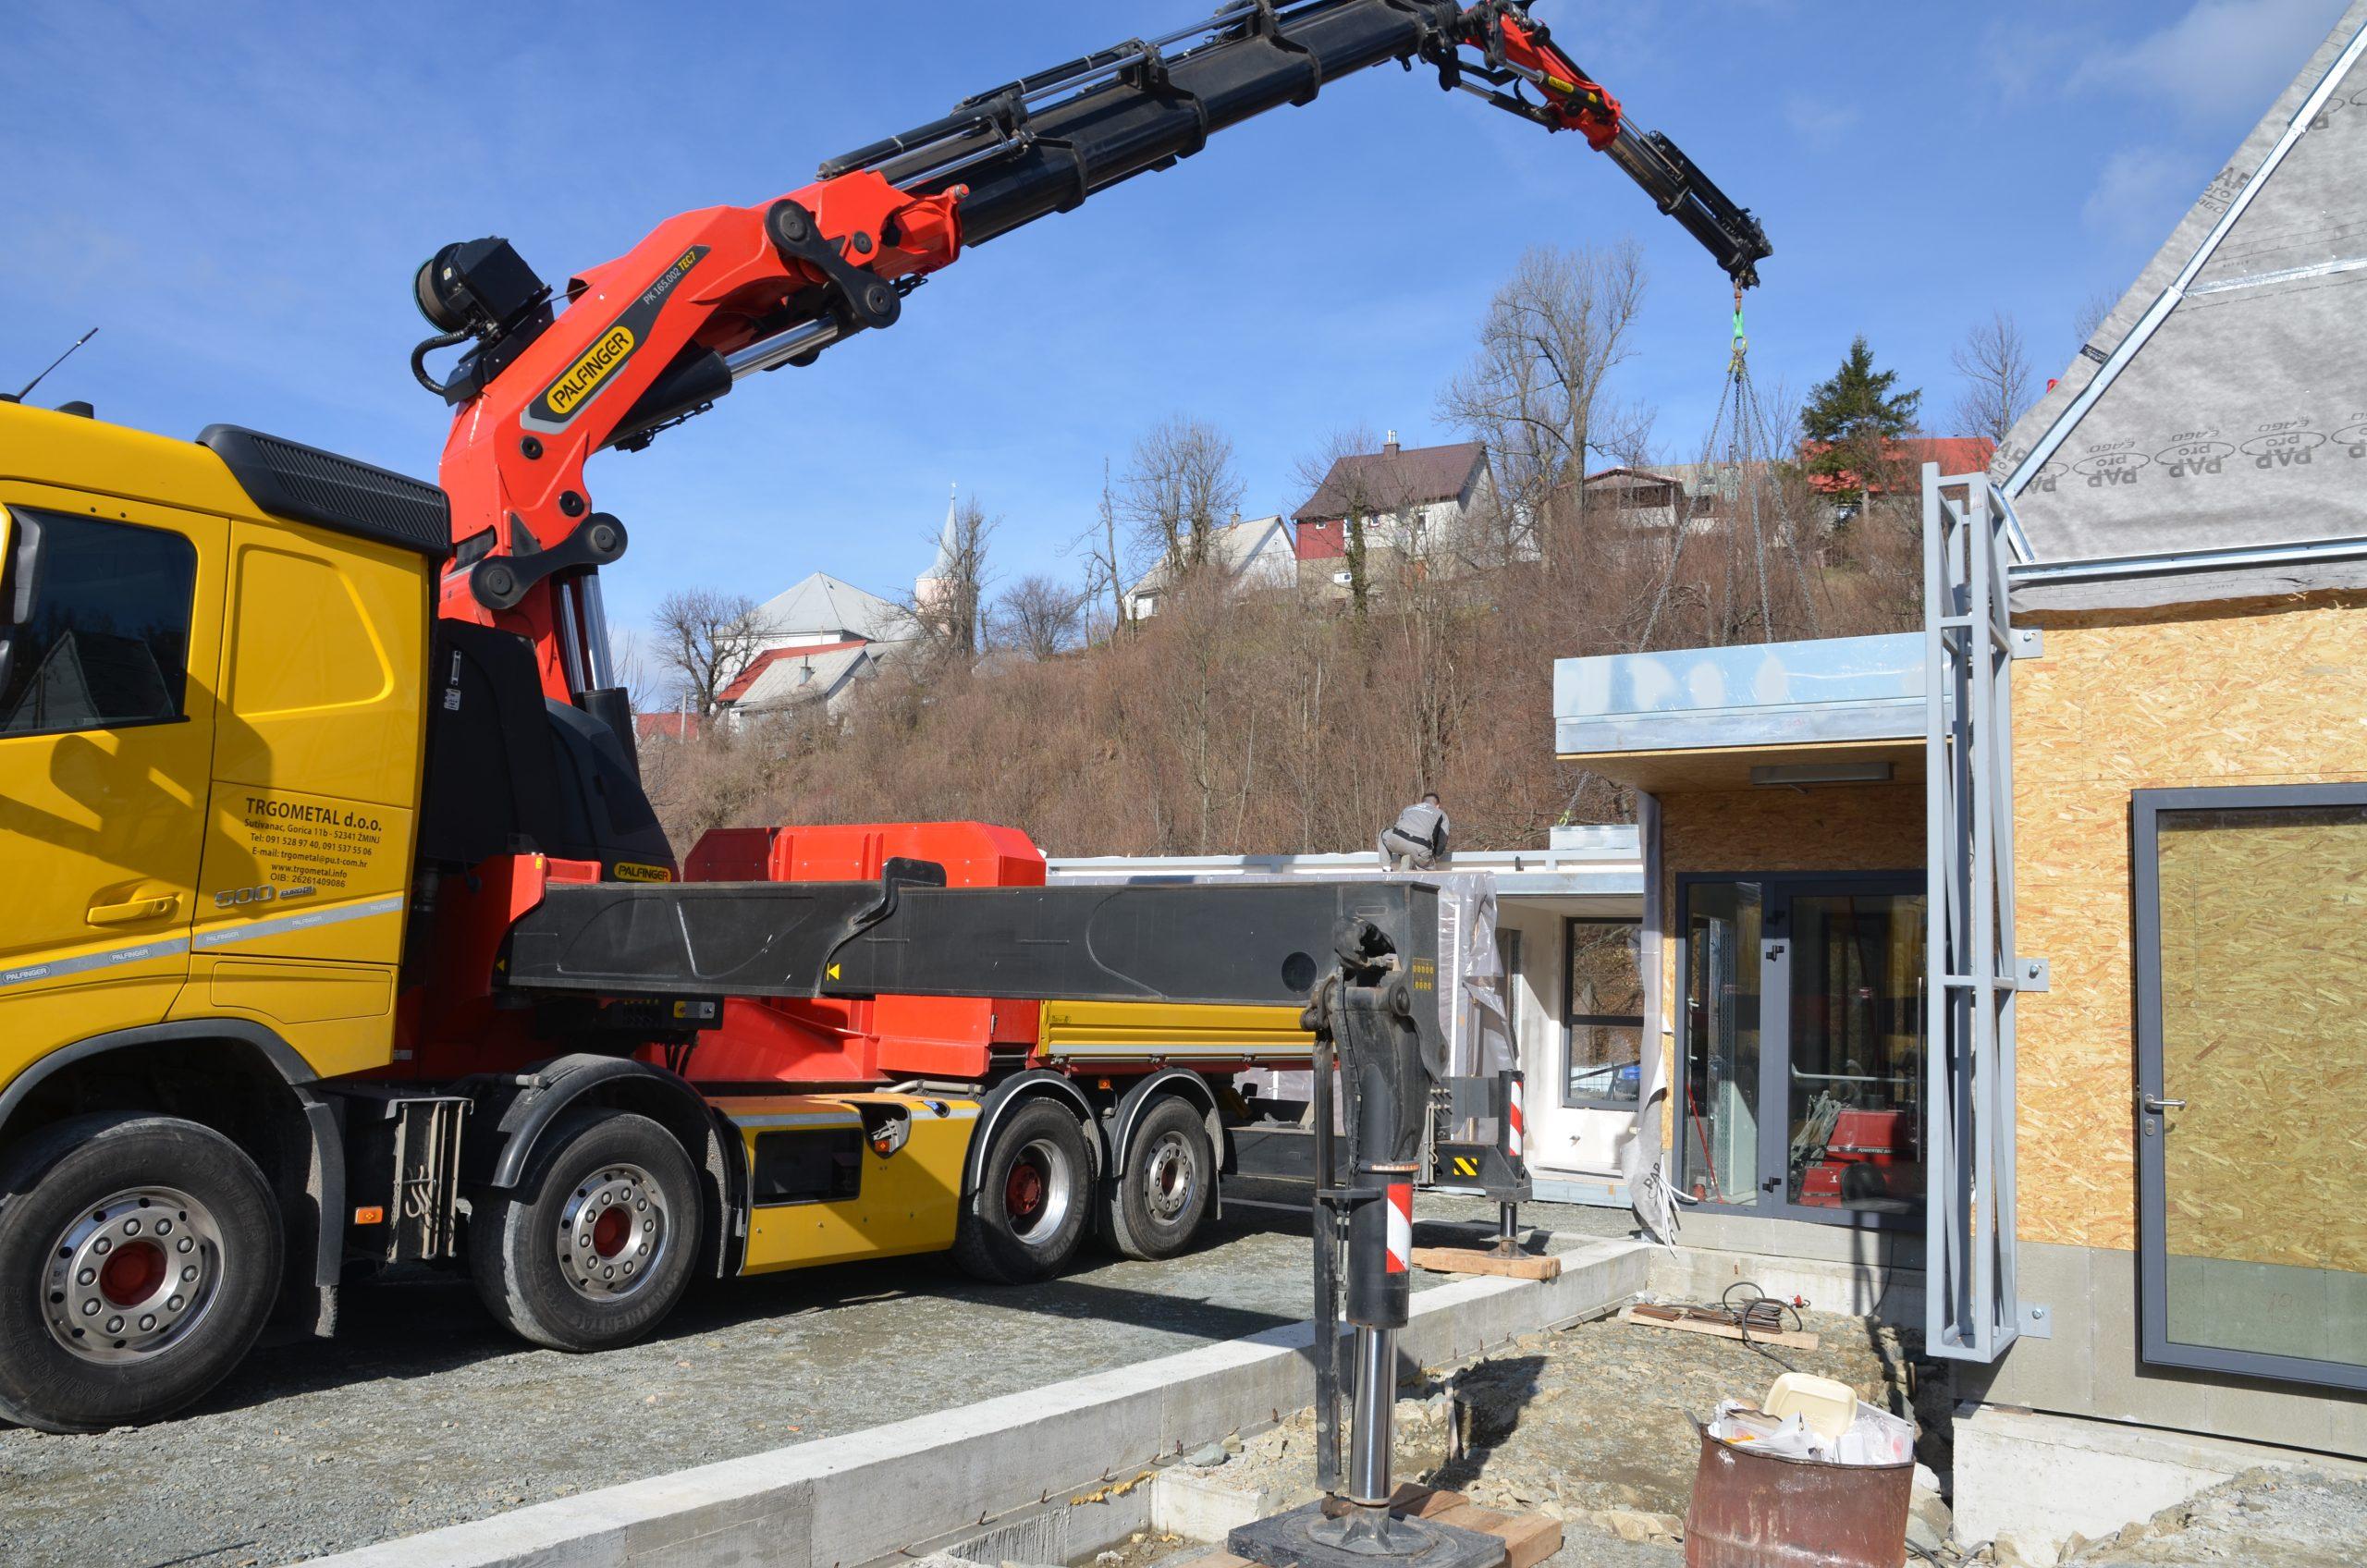 EU sredstvima izgrađen je vrtić u Fužinama / Foto Marinko Krmpotić